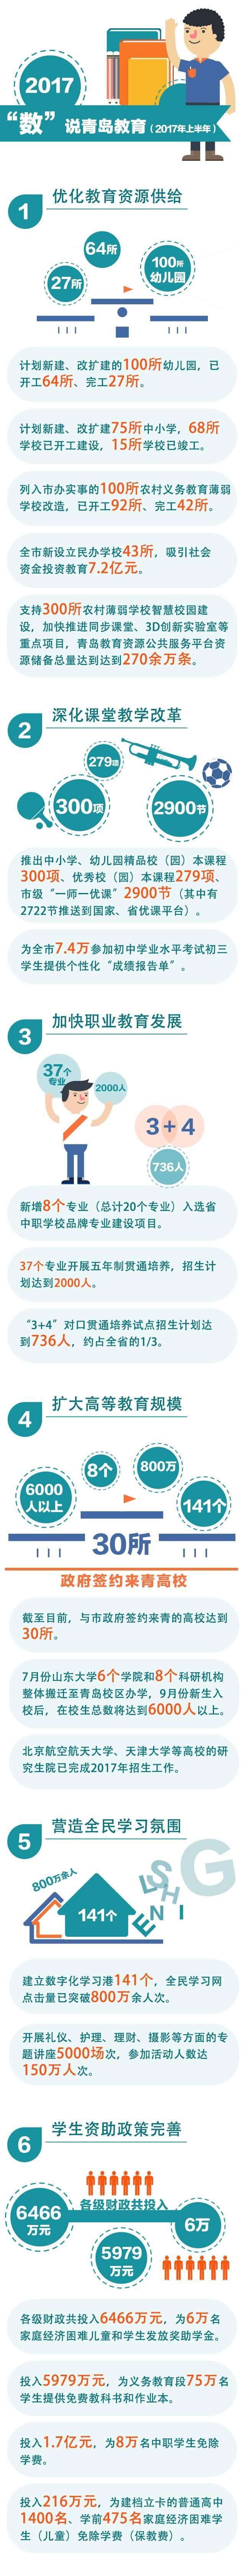 青岛市教育局公布了上半年的成绩单